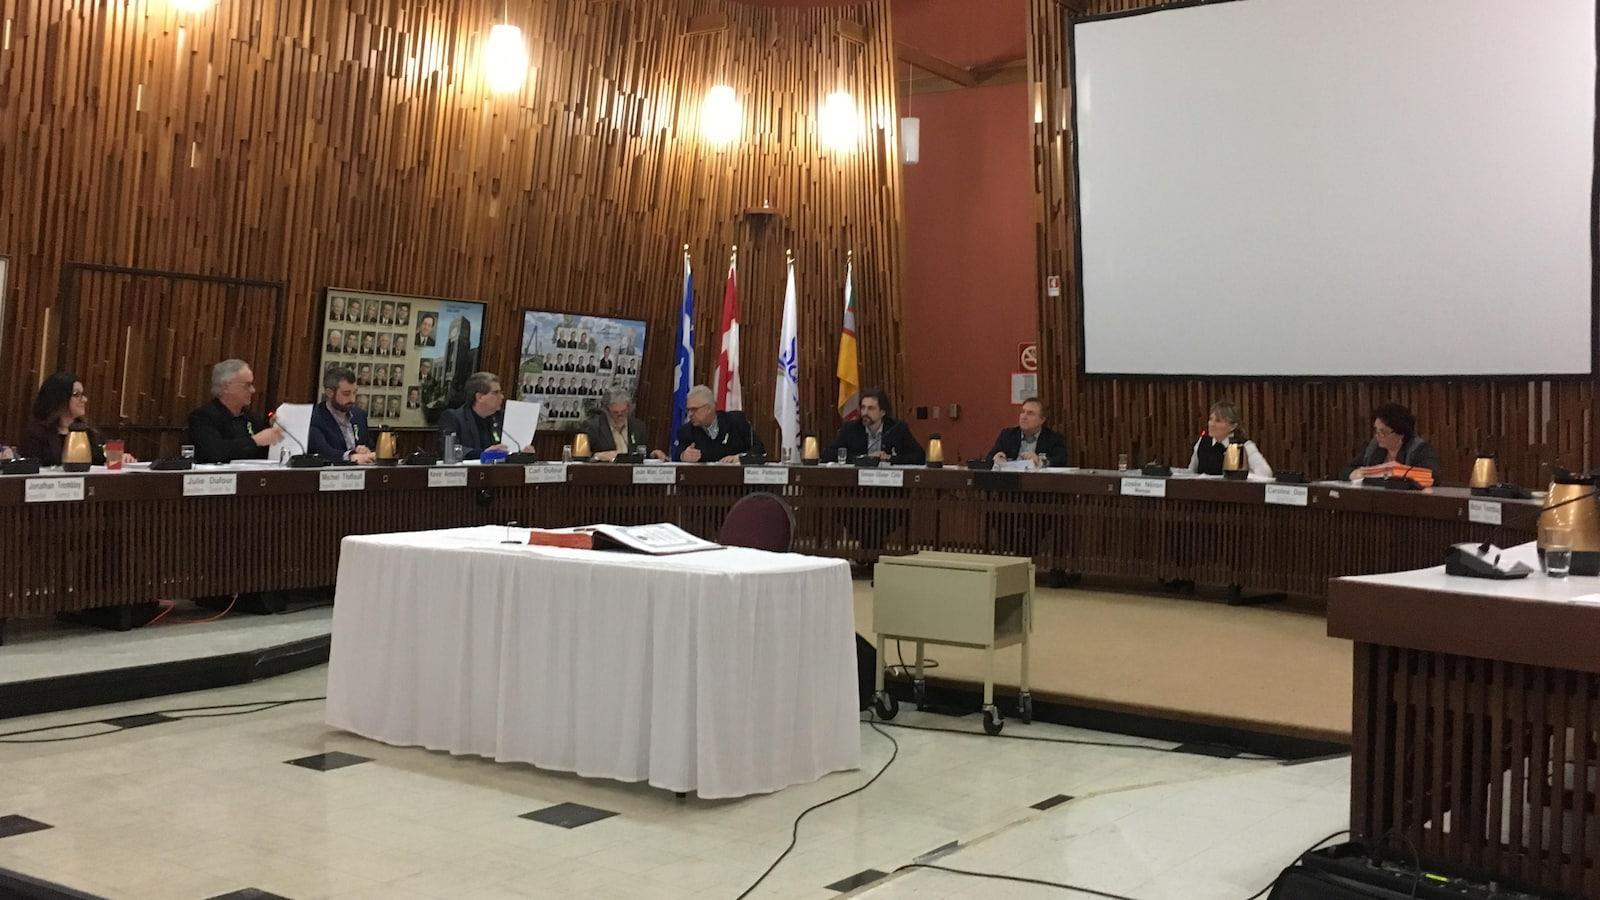 Une séance du conseil municipal de Saguenay, en février 2019.